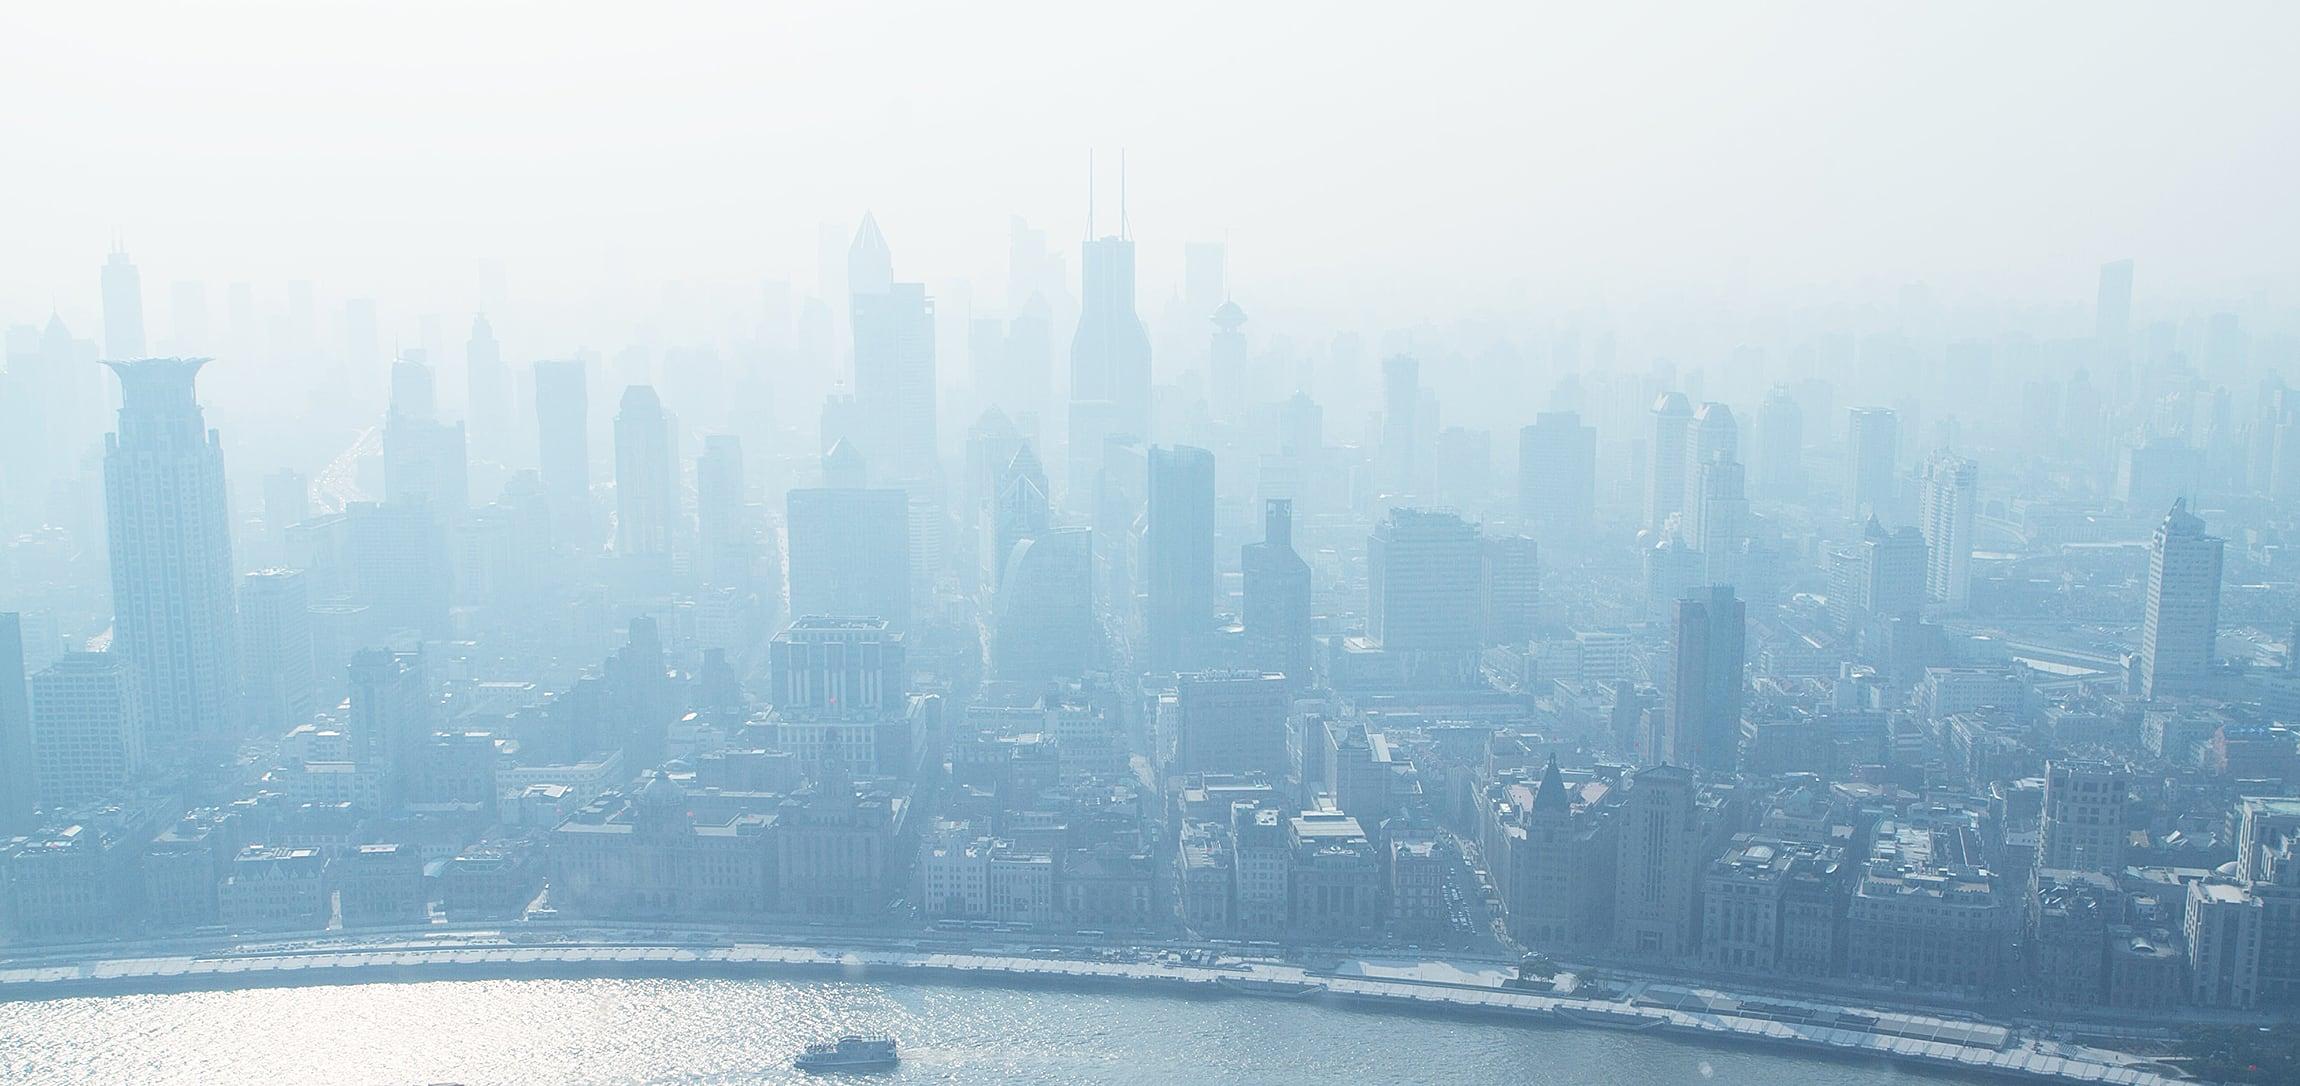 Shanghai city smog